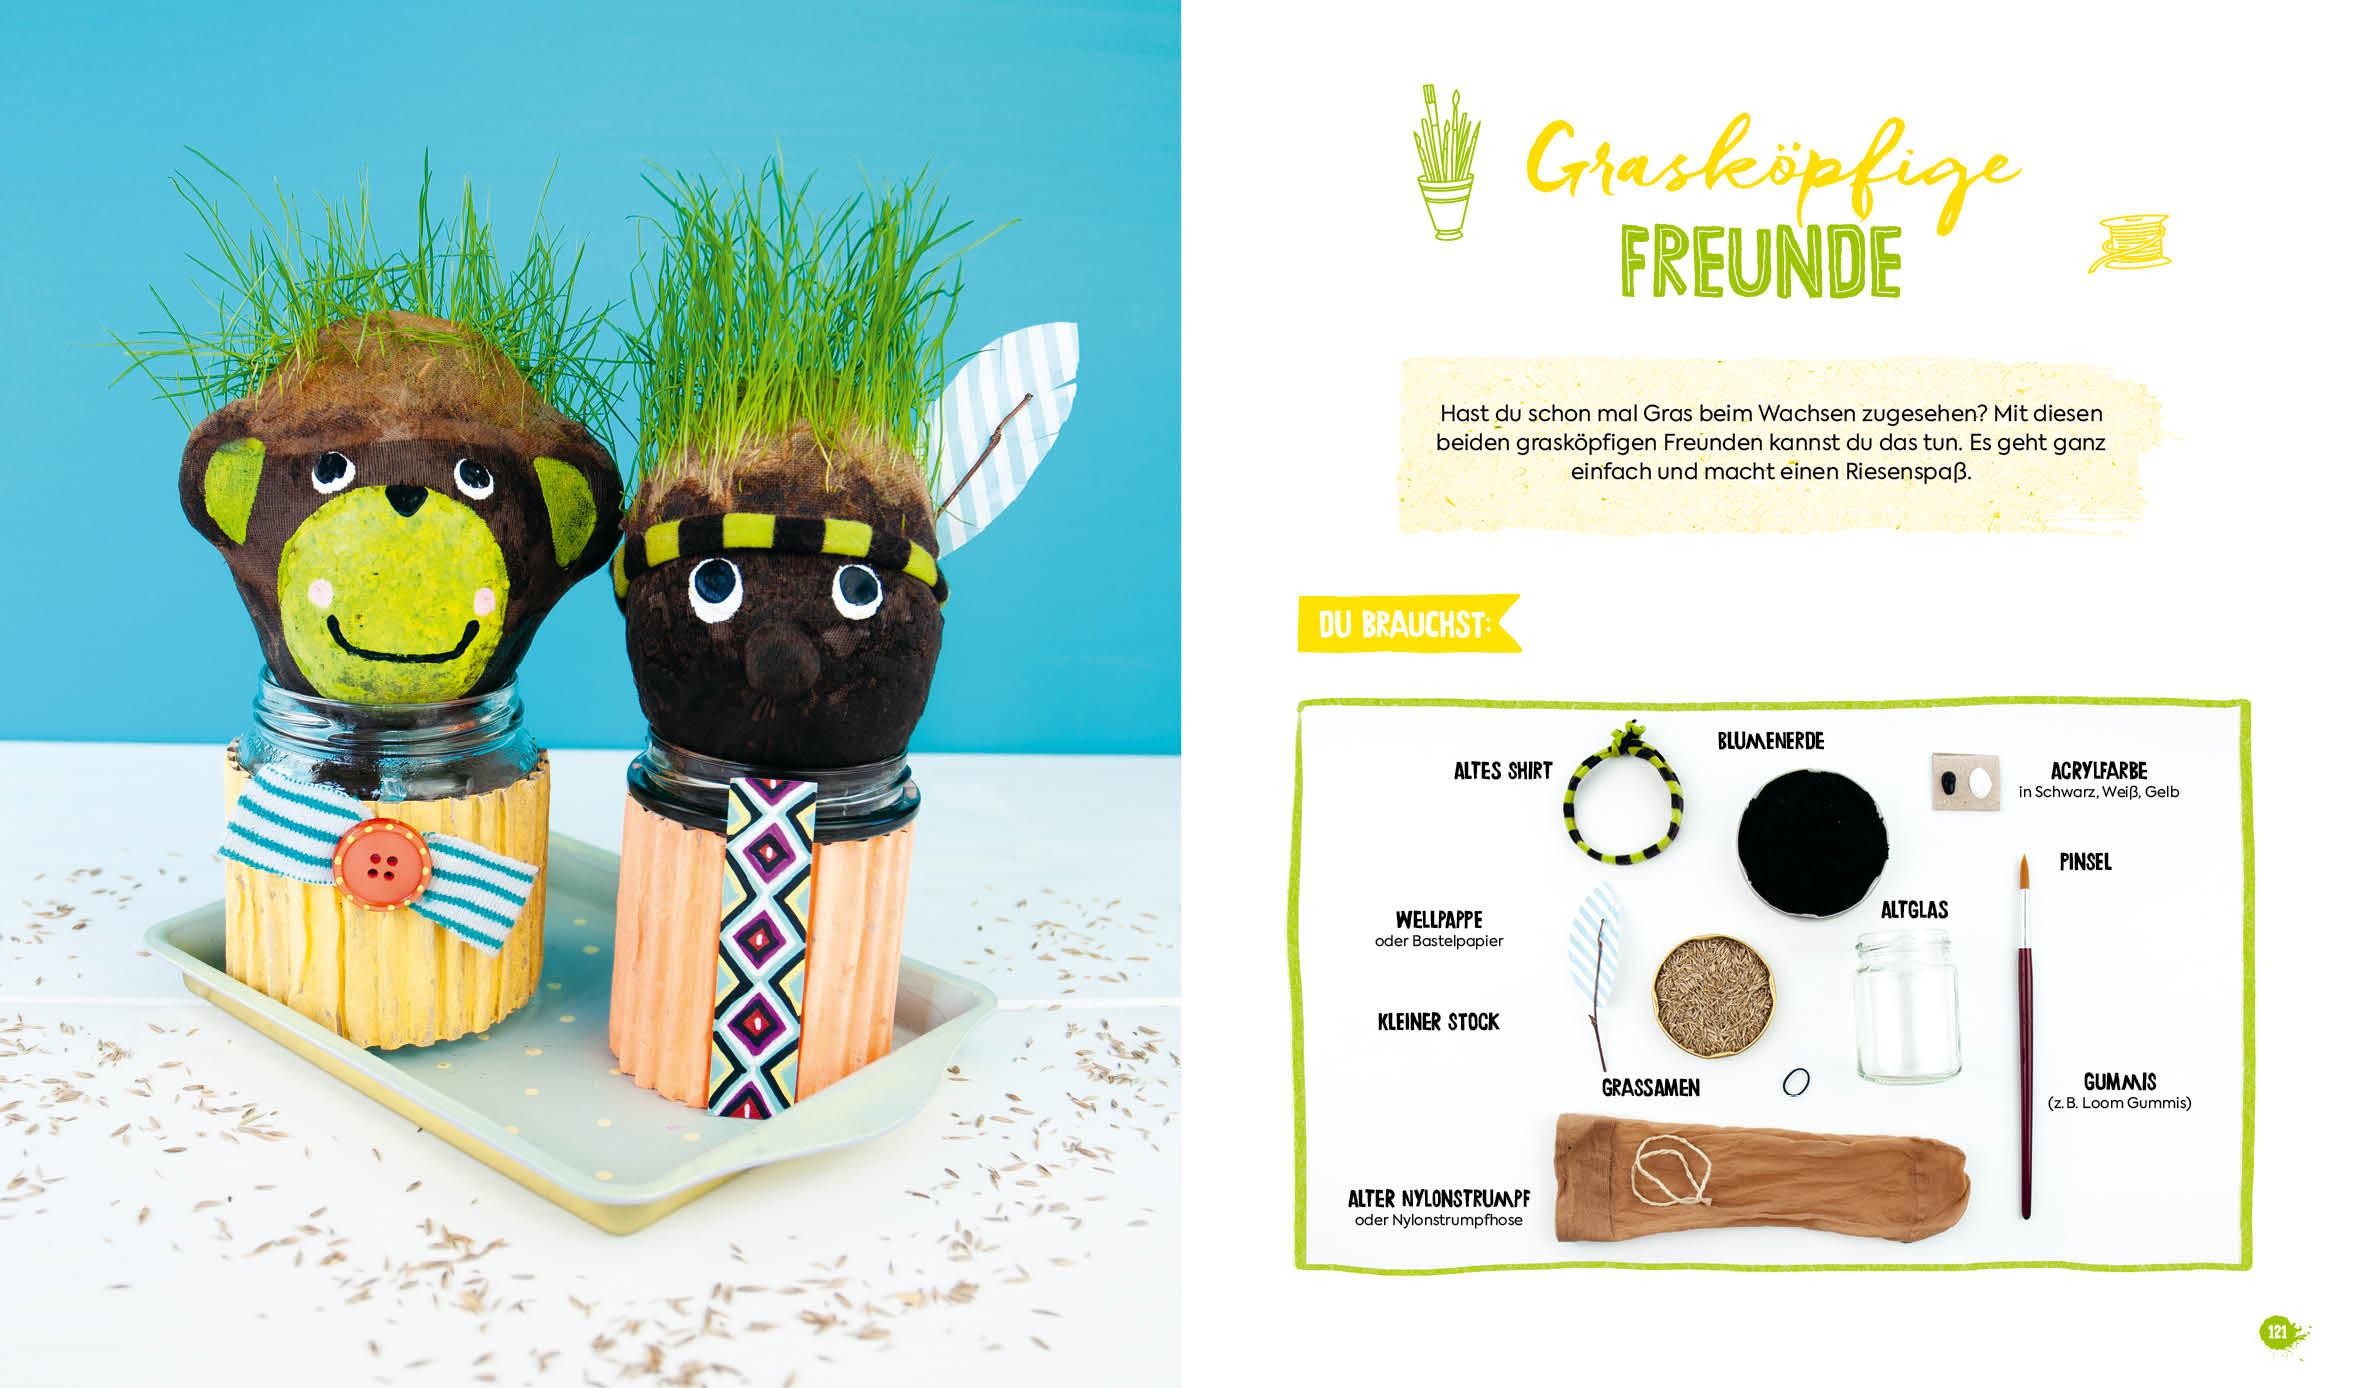 Einfach nachhaltig basteln – umweltfreundliche Kreativprojekte für die ganze Familie